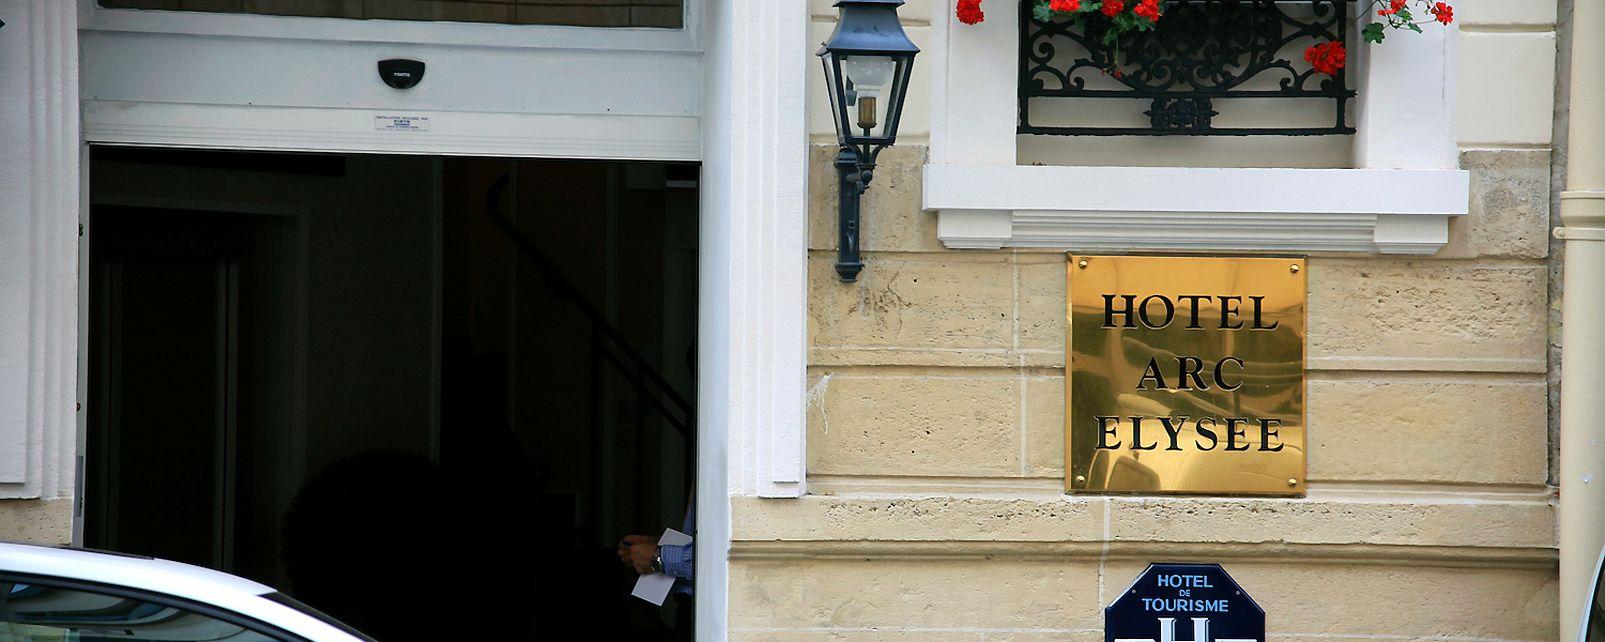 Hotel Arc Elysée